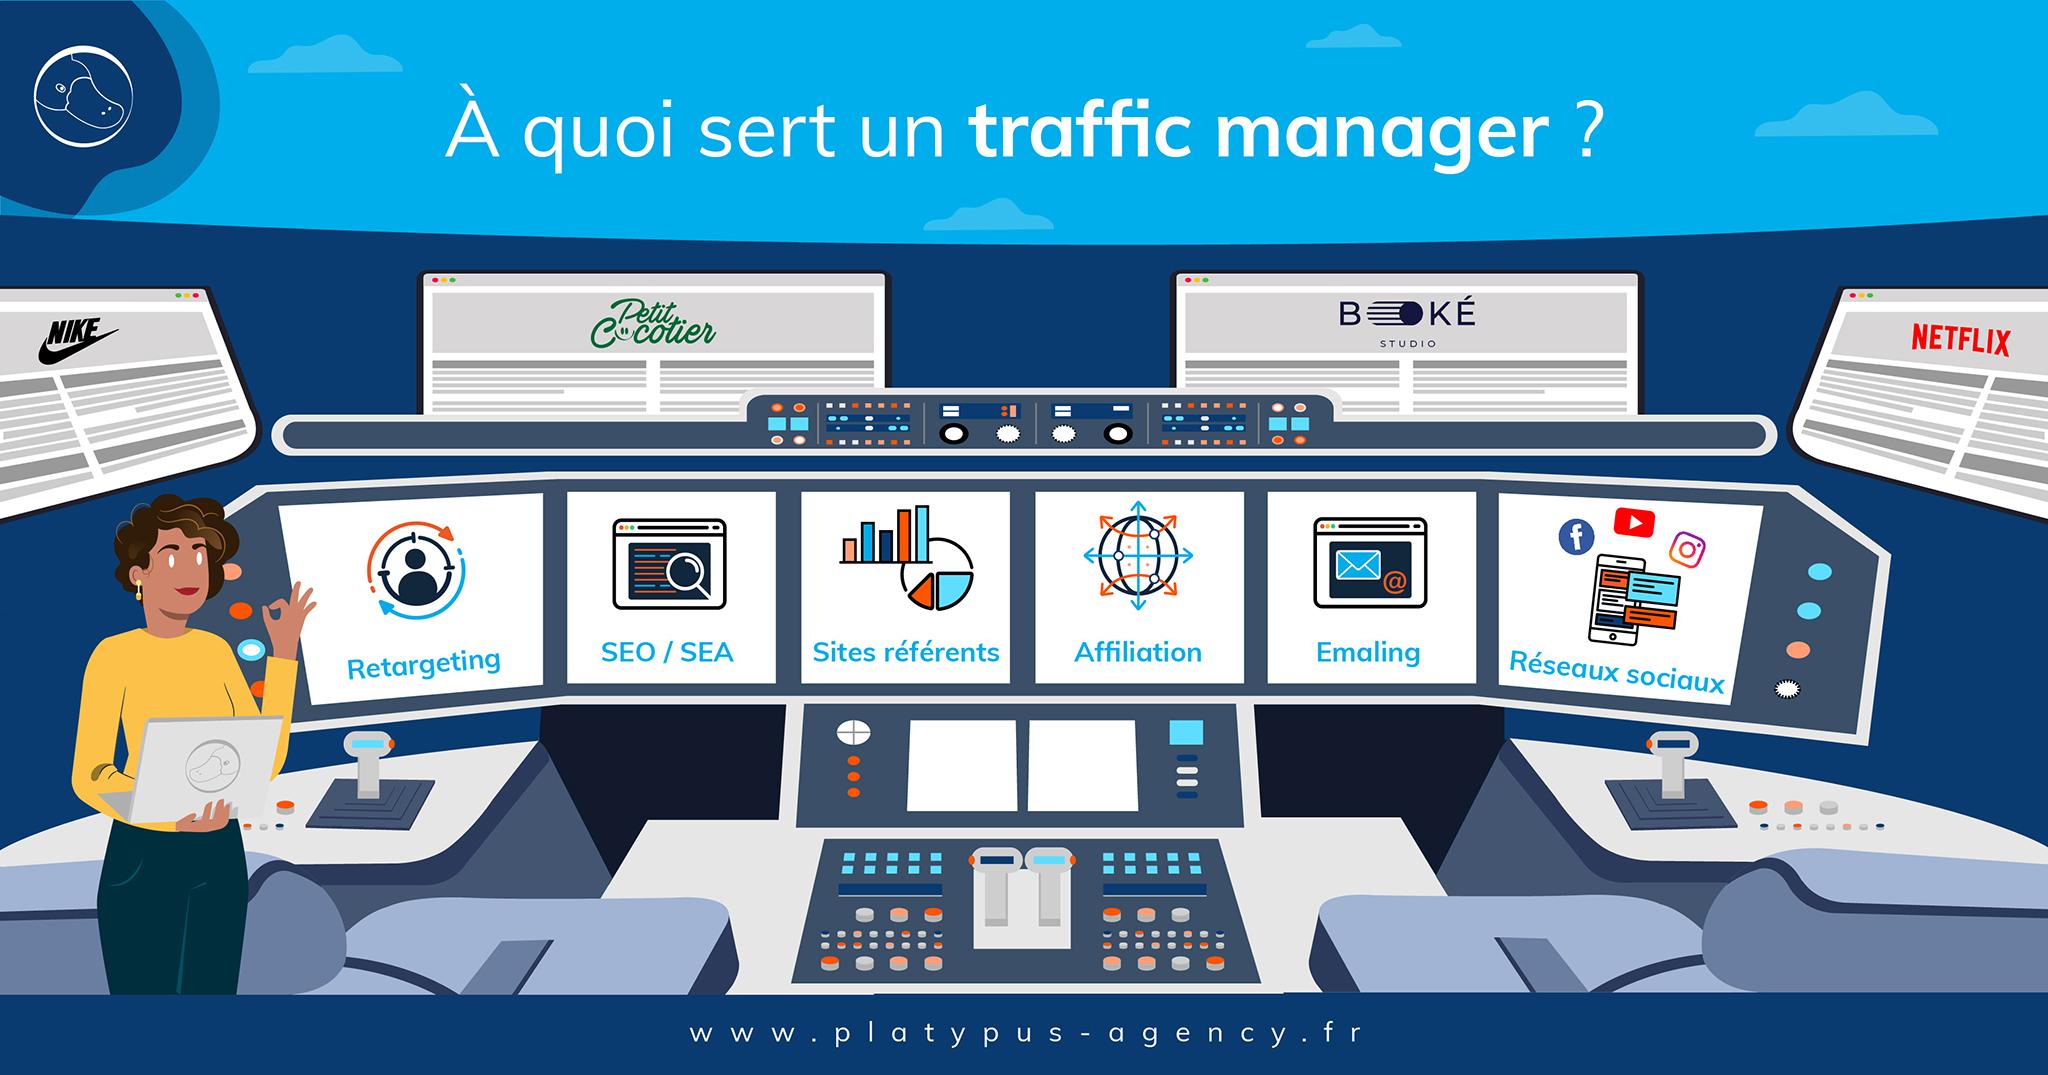 A quoi sert à un traffic manager ?